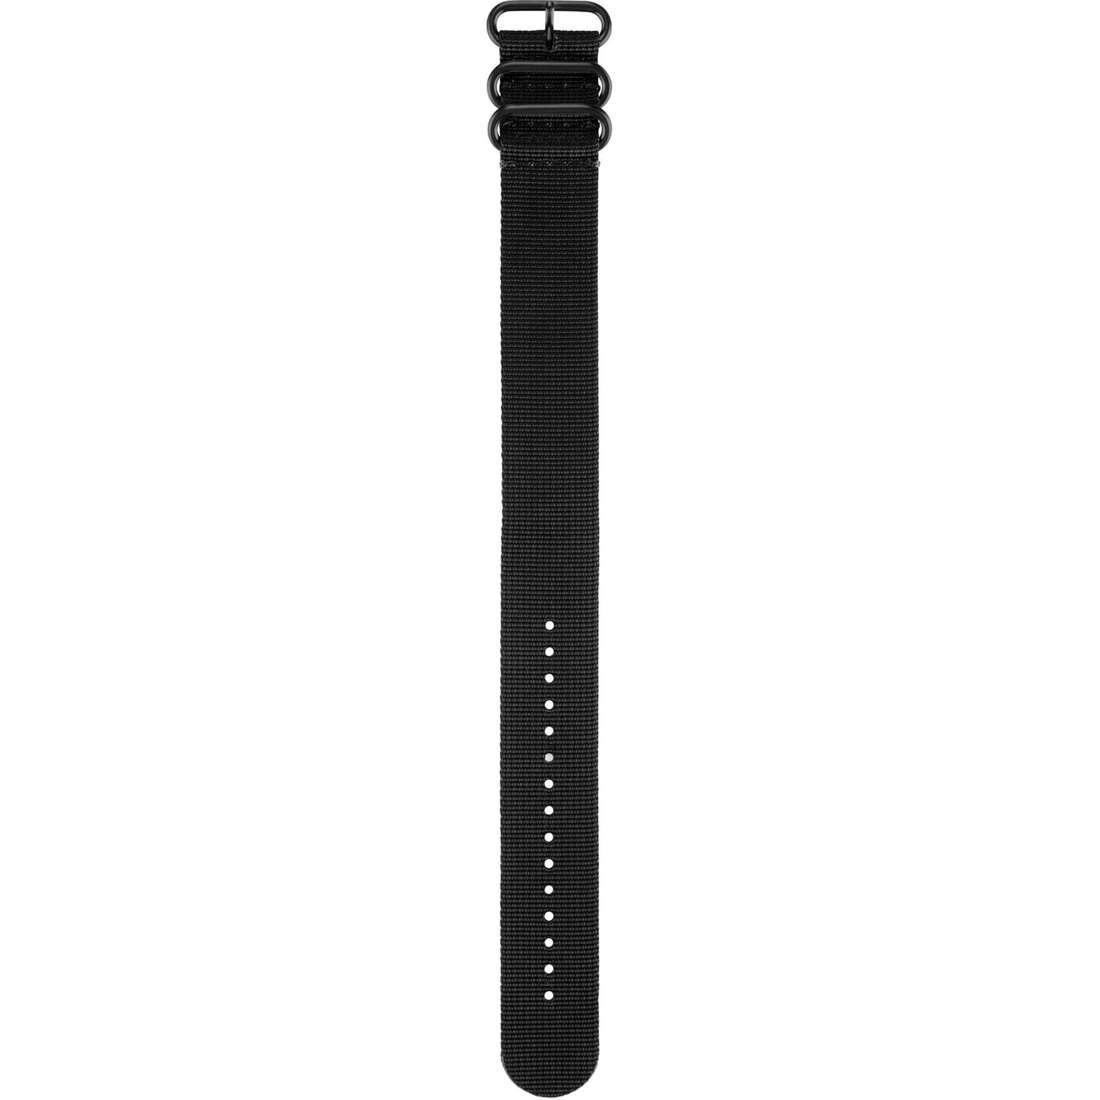 montre accessoire unisex Garmin 010-12168-23